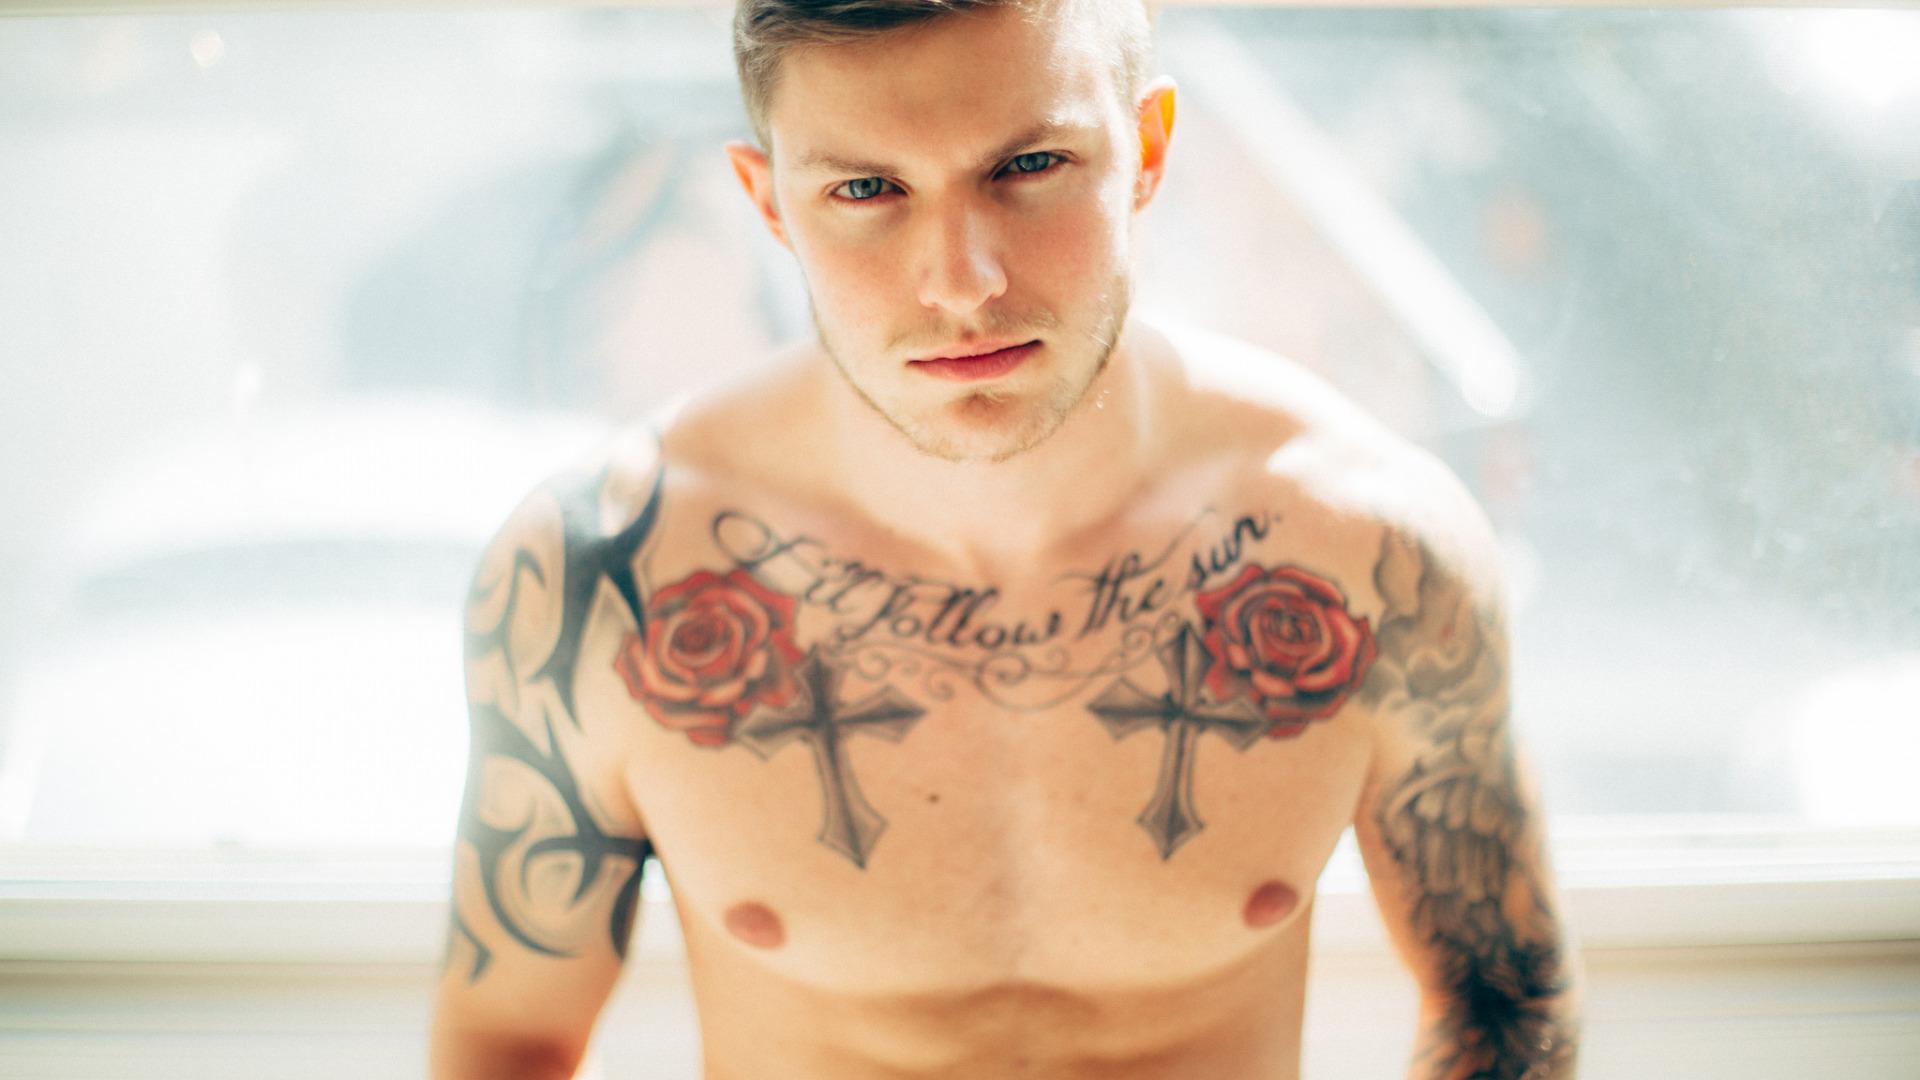 Татуировки красивые для мужчин фото